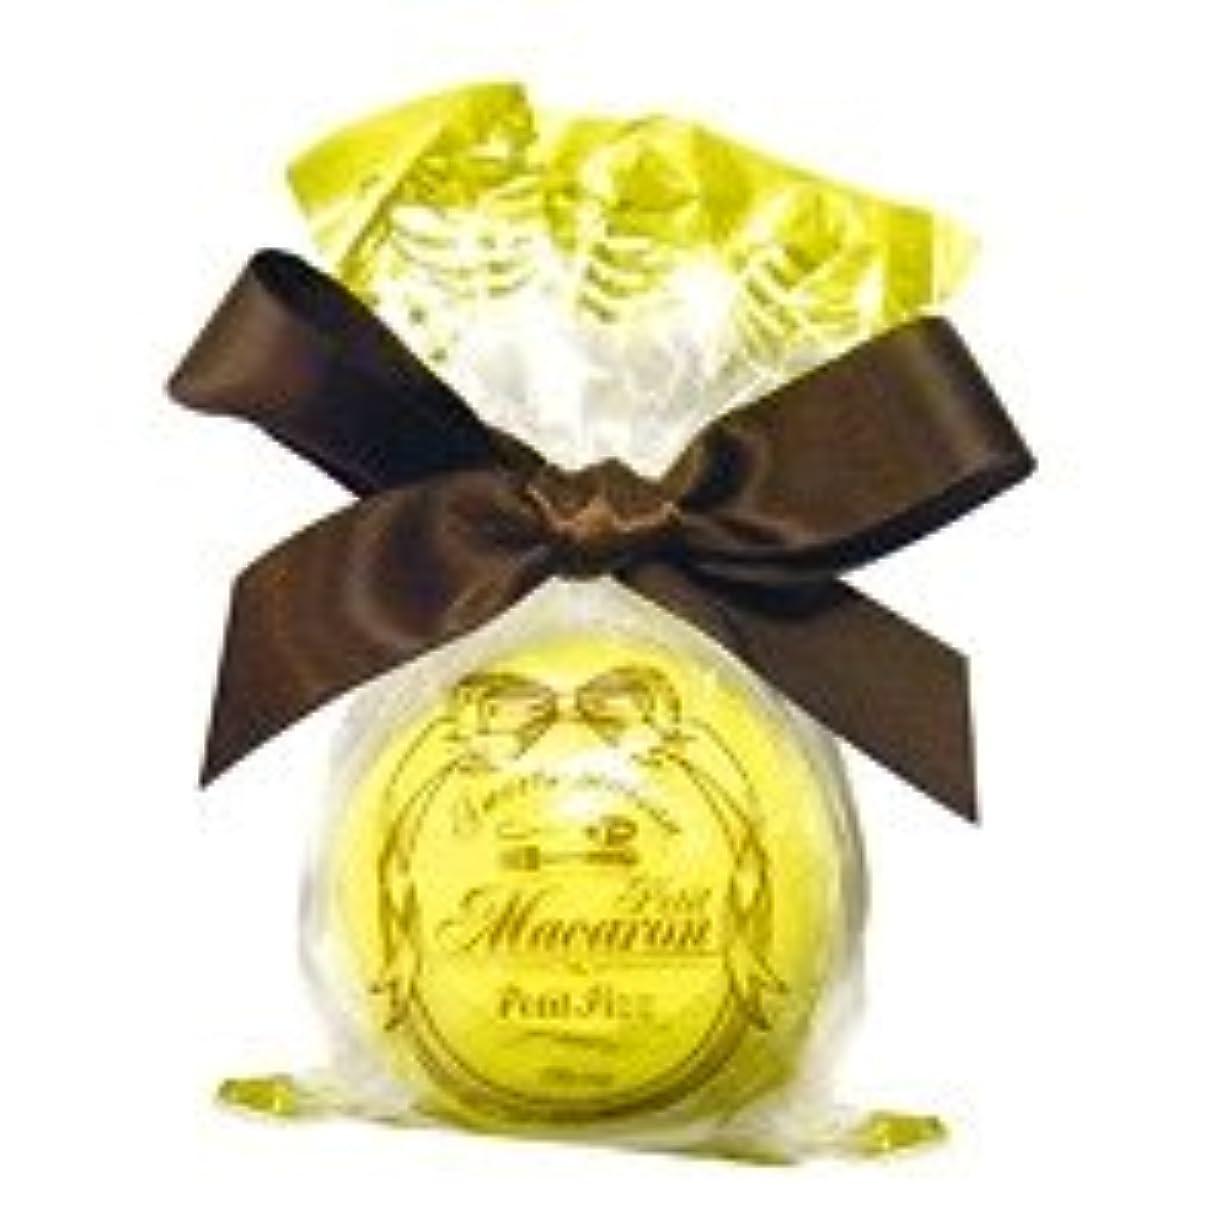 スウィーツメゾン プチマカロンフィズ「イエロー」12個セット フレッシュなグレープフルーツの香り